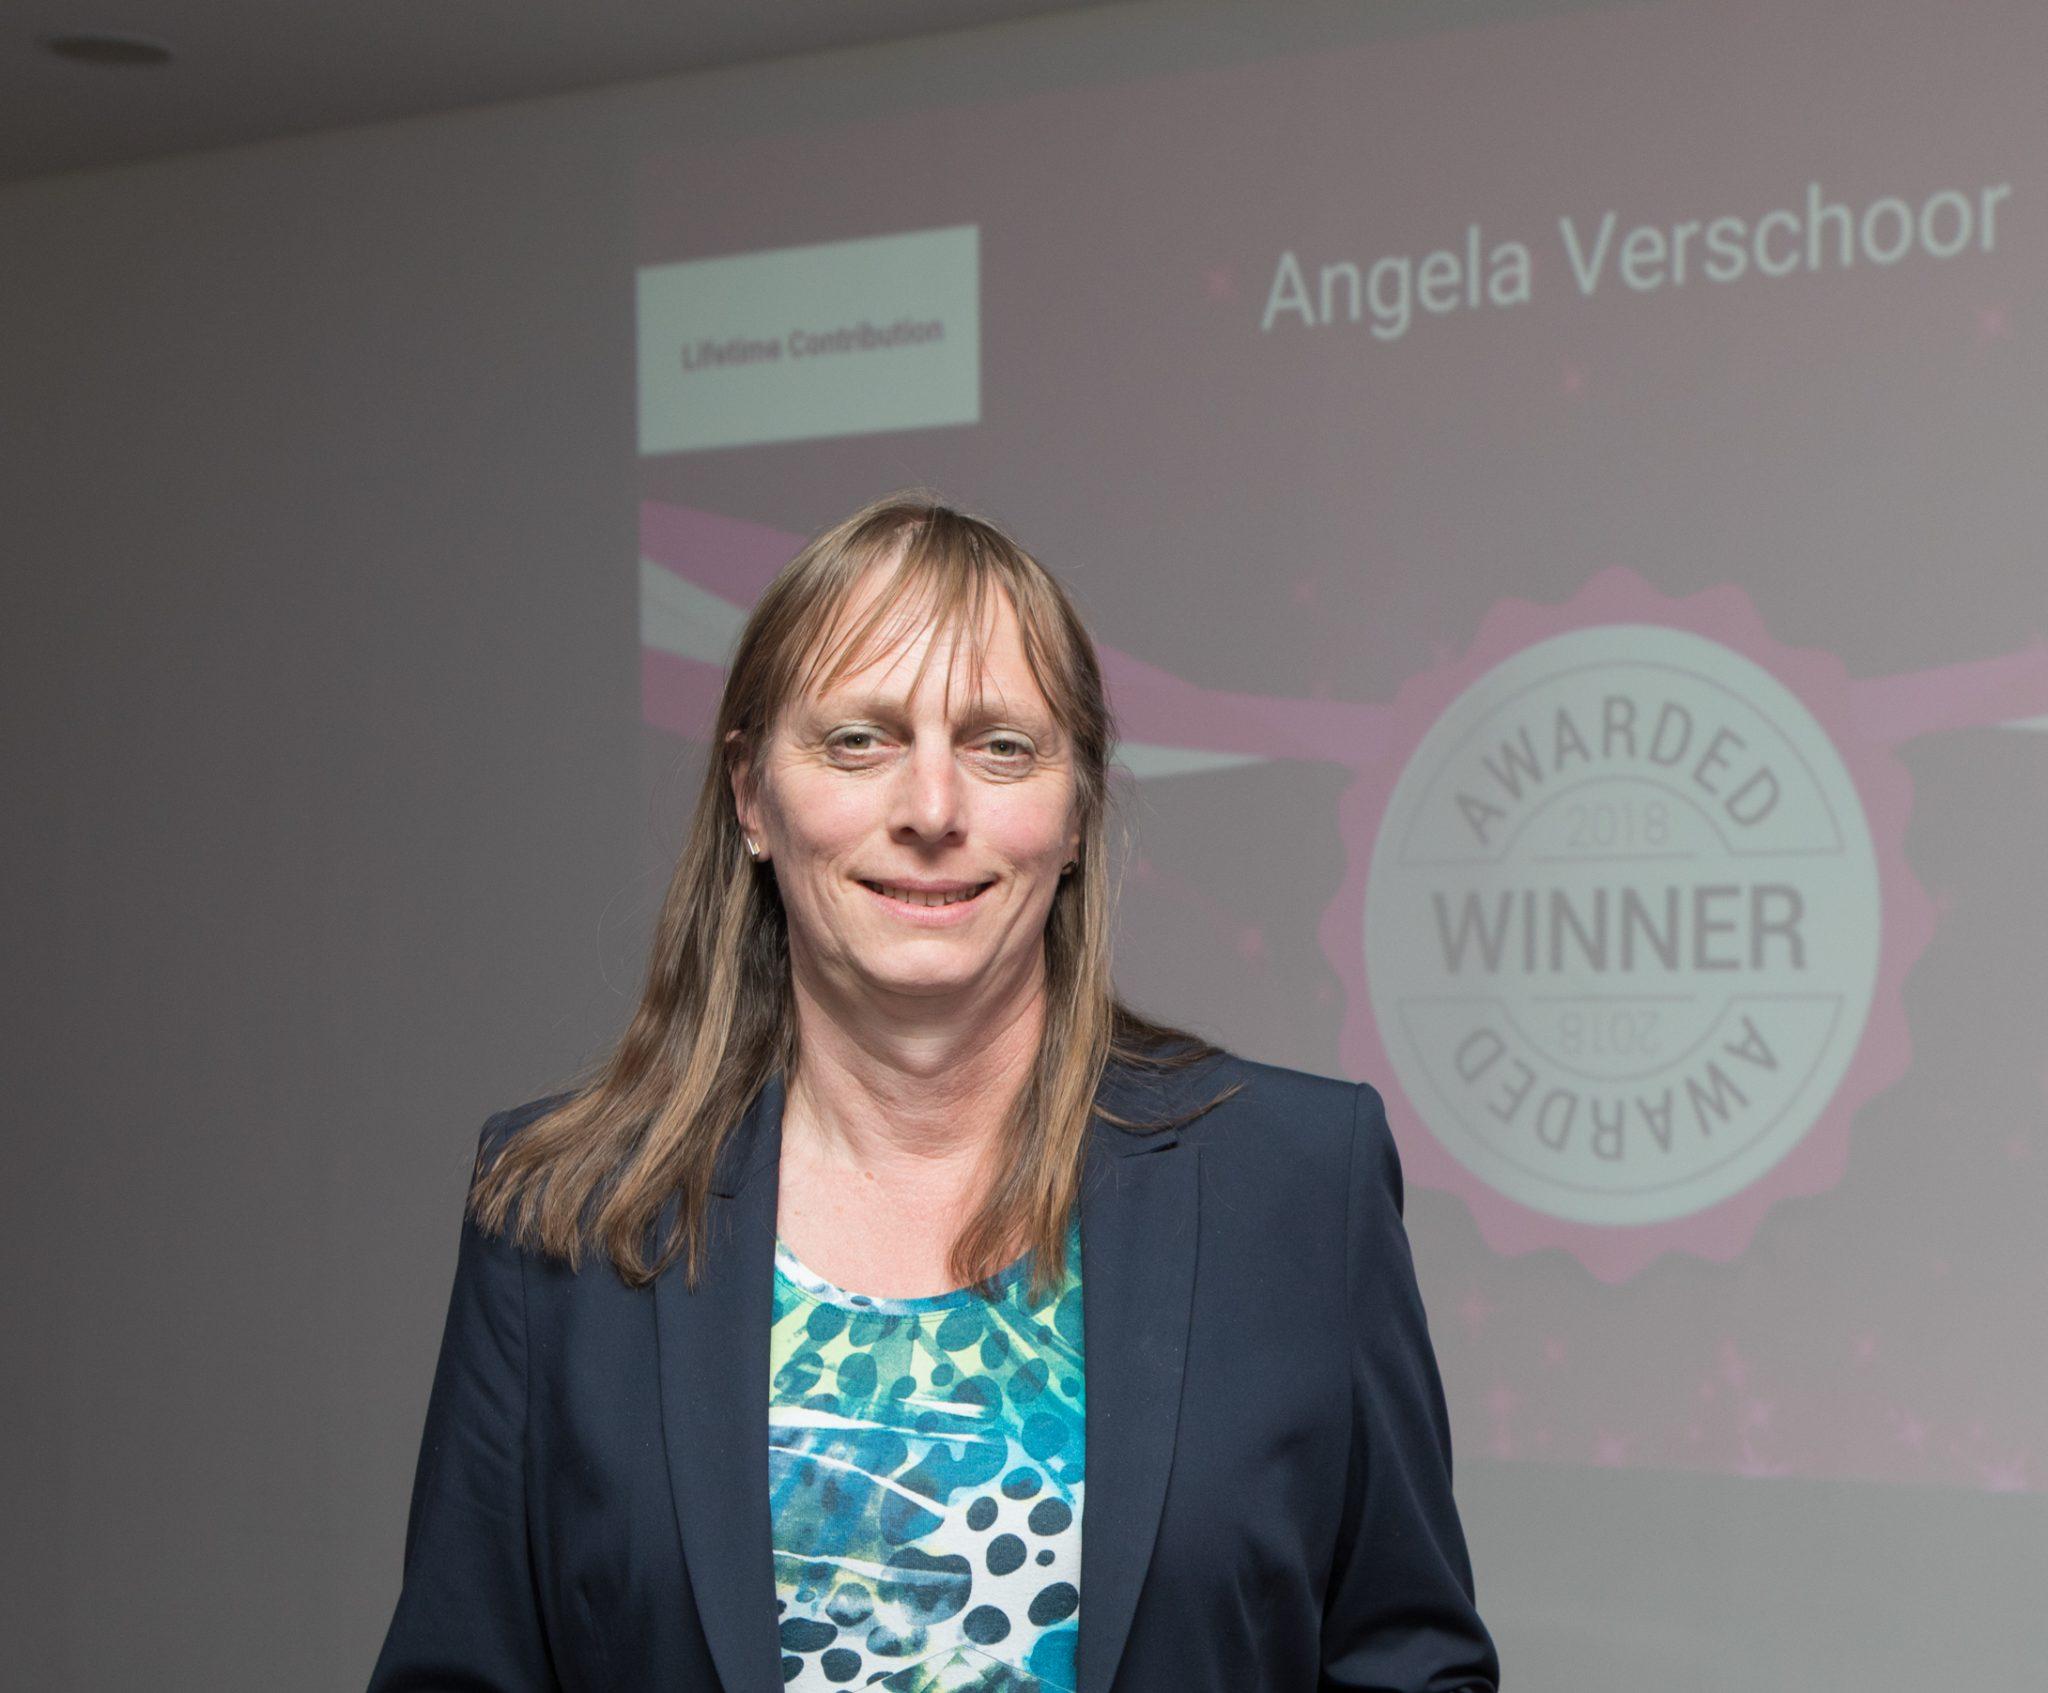 Photograph of Angela Verschoor